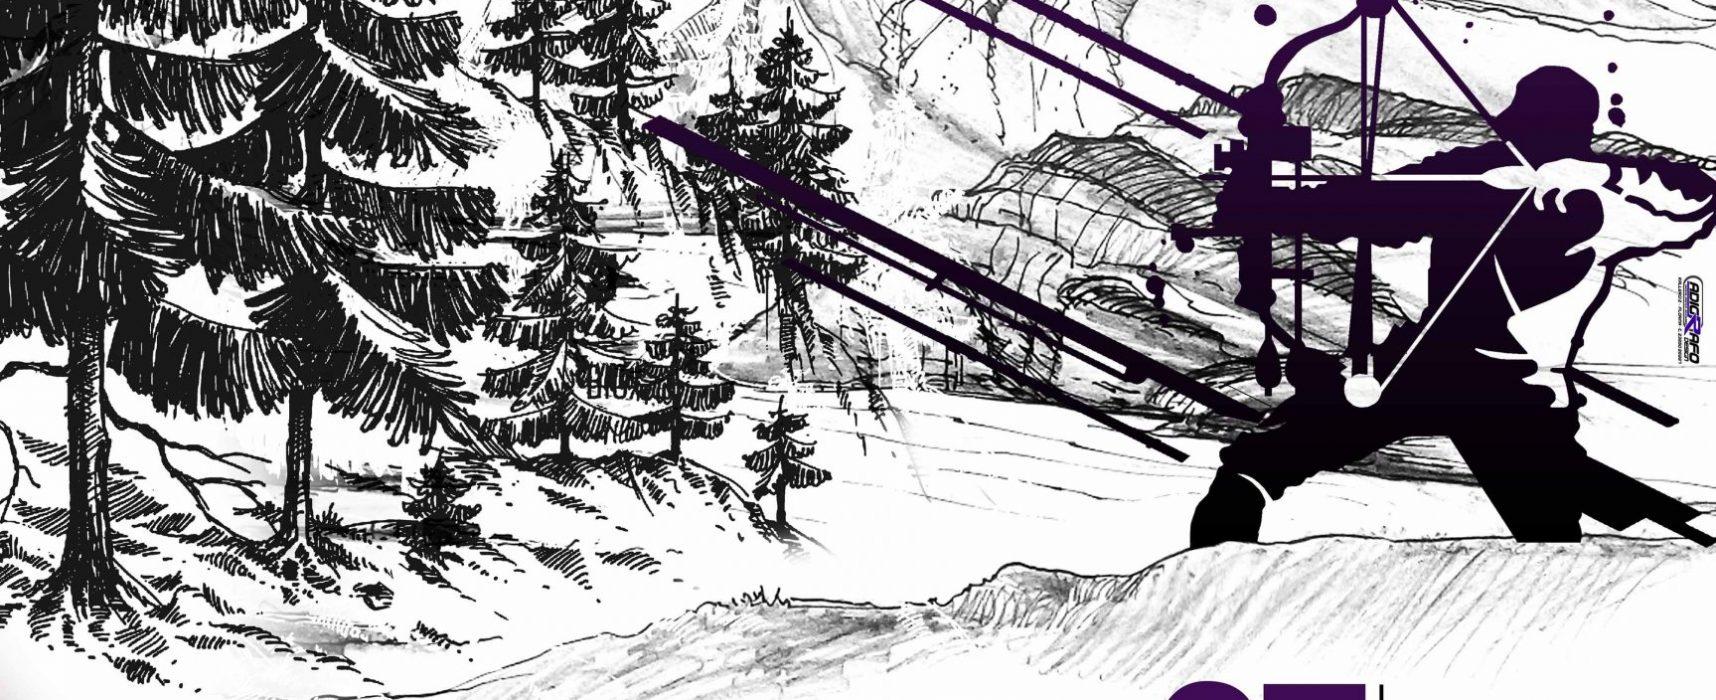 Το πρόγραμμα του αγώνα τοξοβολίας 3D «ΑΡΚΤΟΣ 2019»